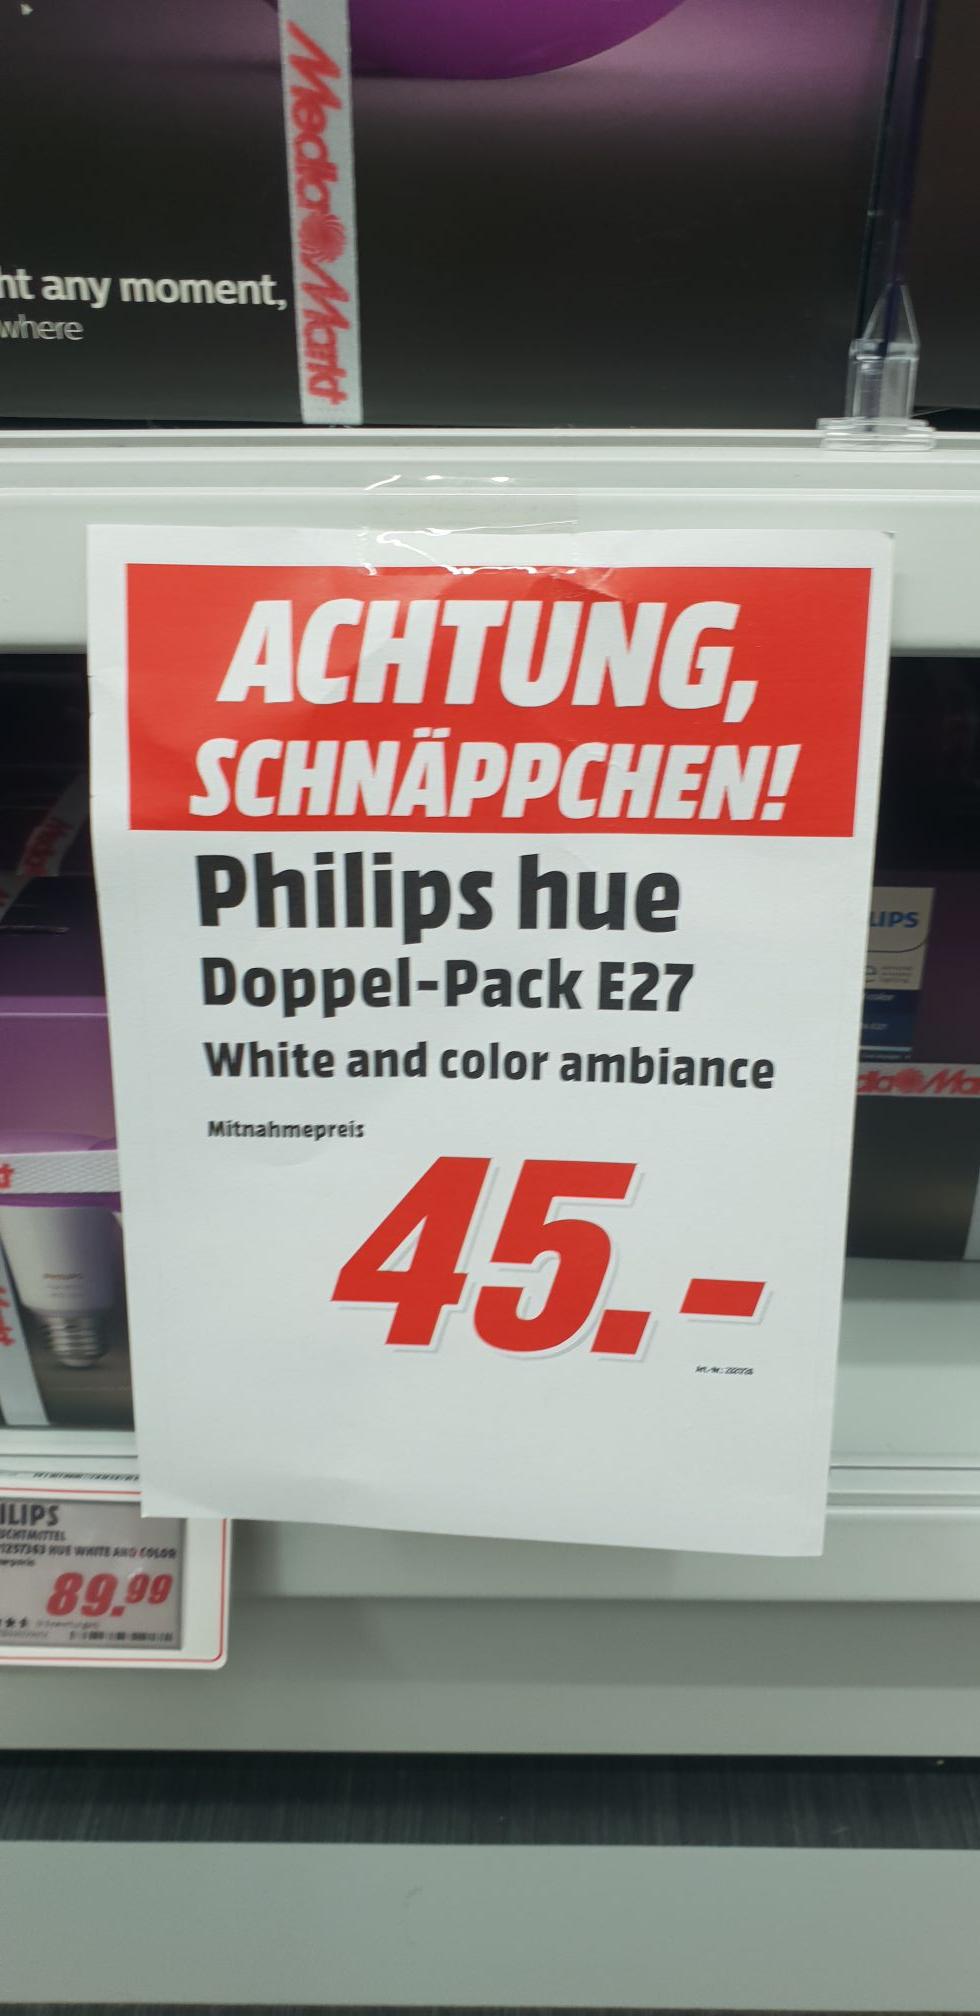 Philips Hue White and Color Doppelpack Lokal Mediamarkt Osnabrück/Belm